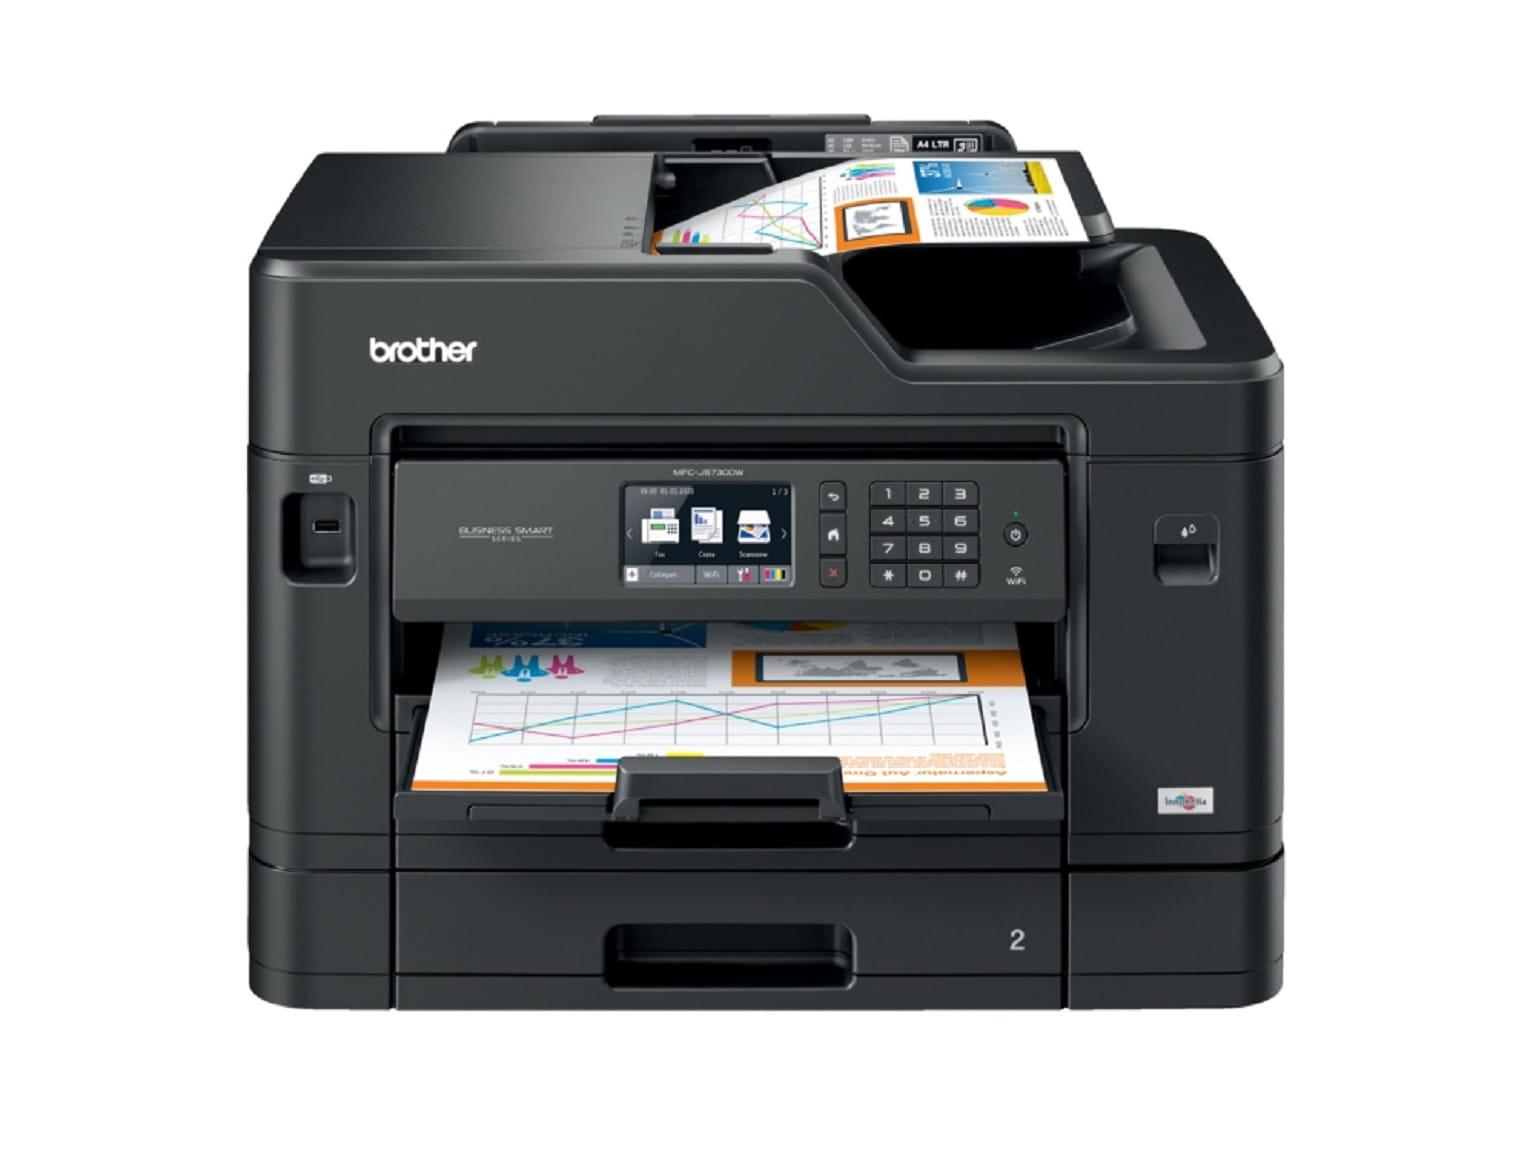 Stampante multifunzione professionale Brother Business Smart MFC-J5730DW con foglio in ADF e foglio stampat in uscita